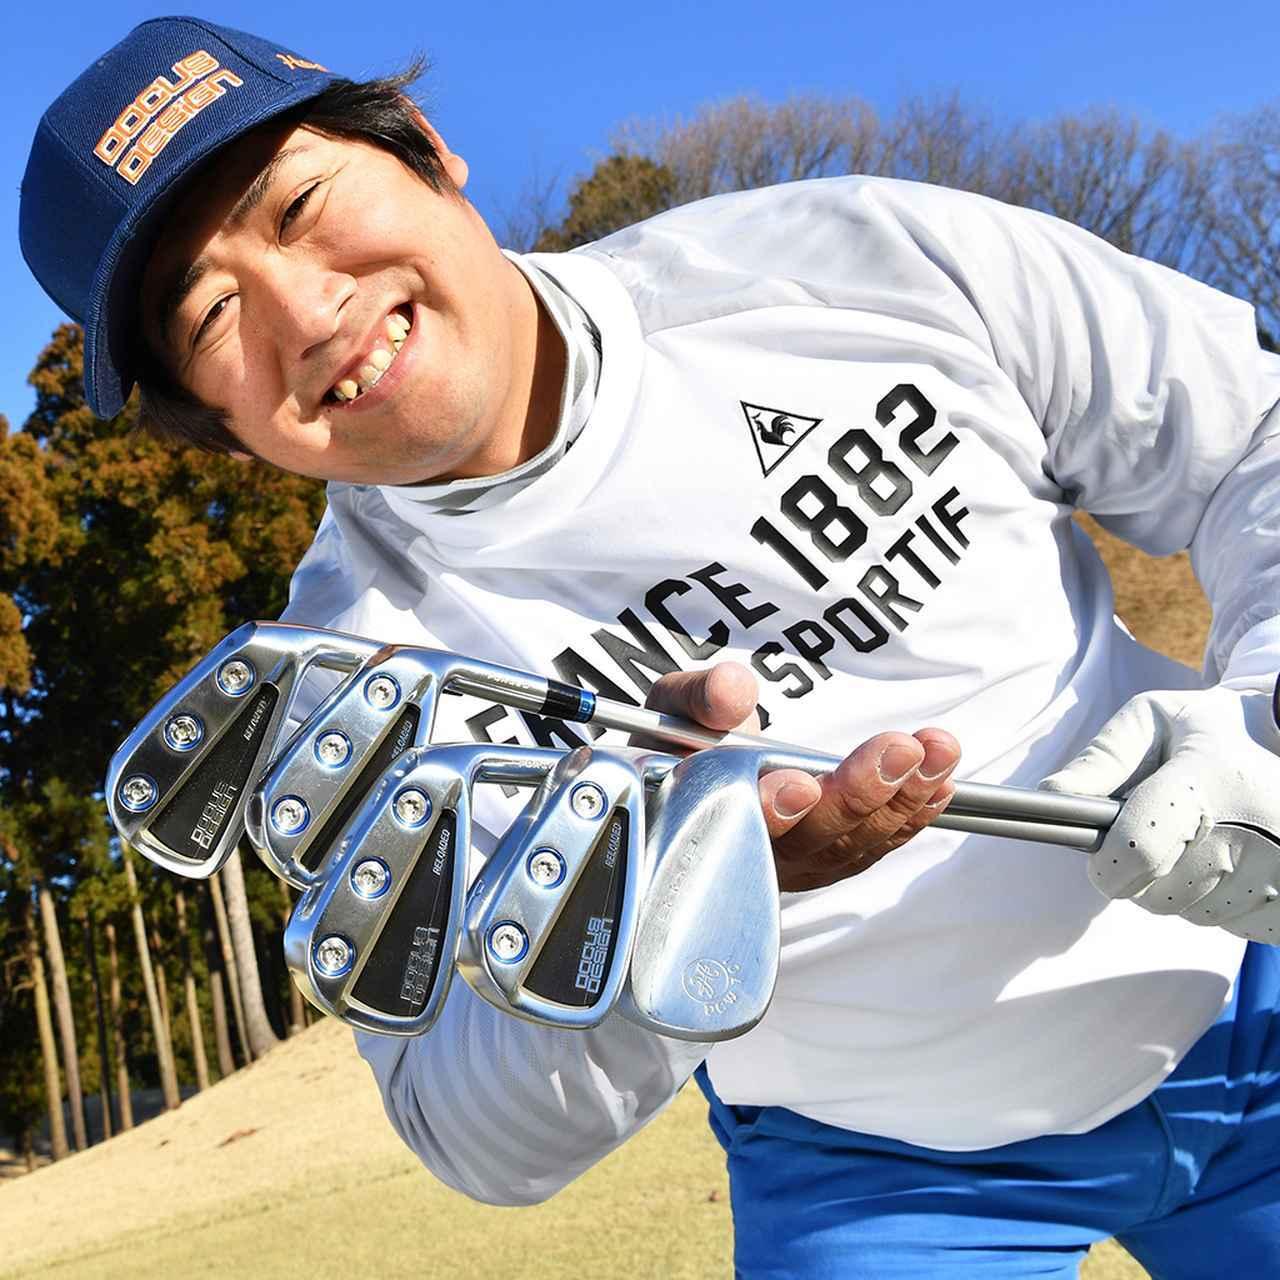 画像: 【転がし名人】鈴木直哉さん (34歳/ゴルフ歴7年/HC6) 100の壁をやっと越えたあと、たった1年半でベストスコア73に。その要因は「5本使いの転がしアプローチ」にあったという